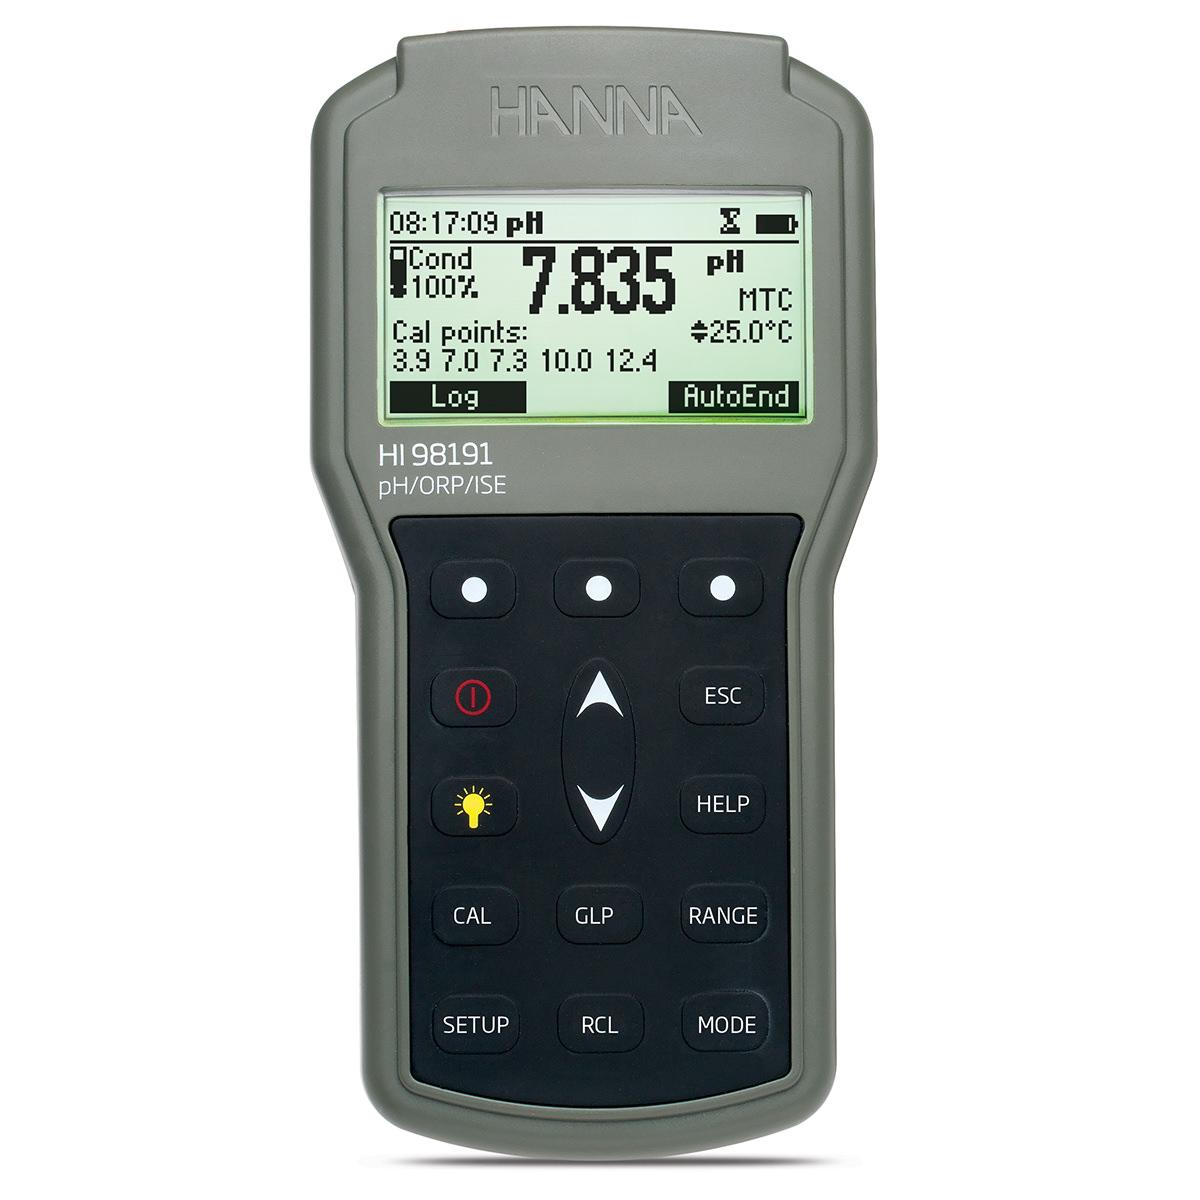 Misuratore portatile di pH/ORP/ISE a tenuta stagna - HI98191